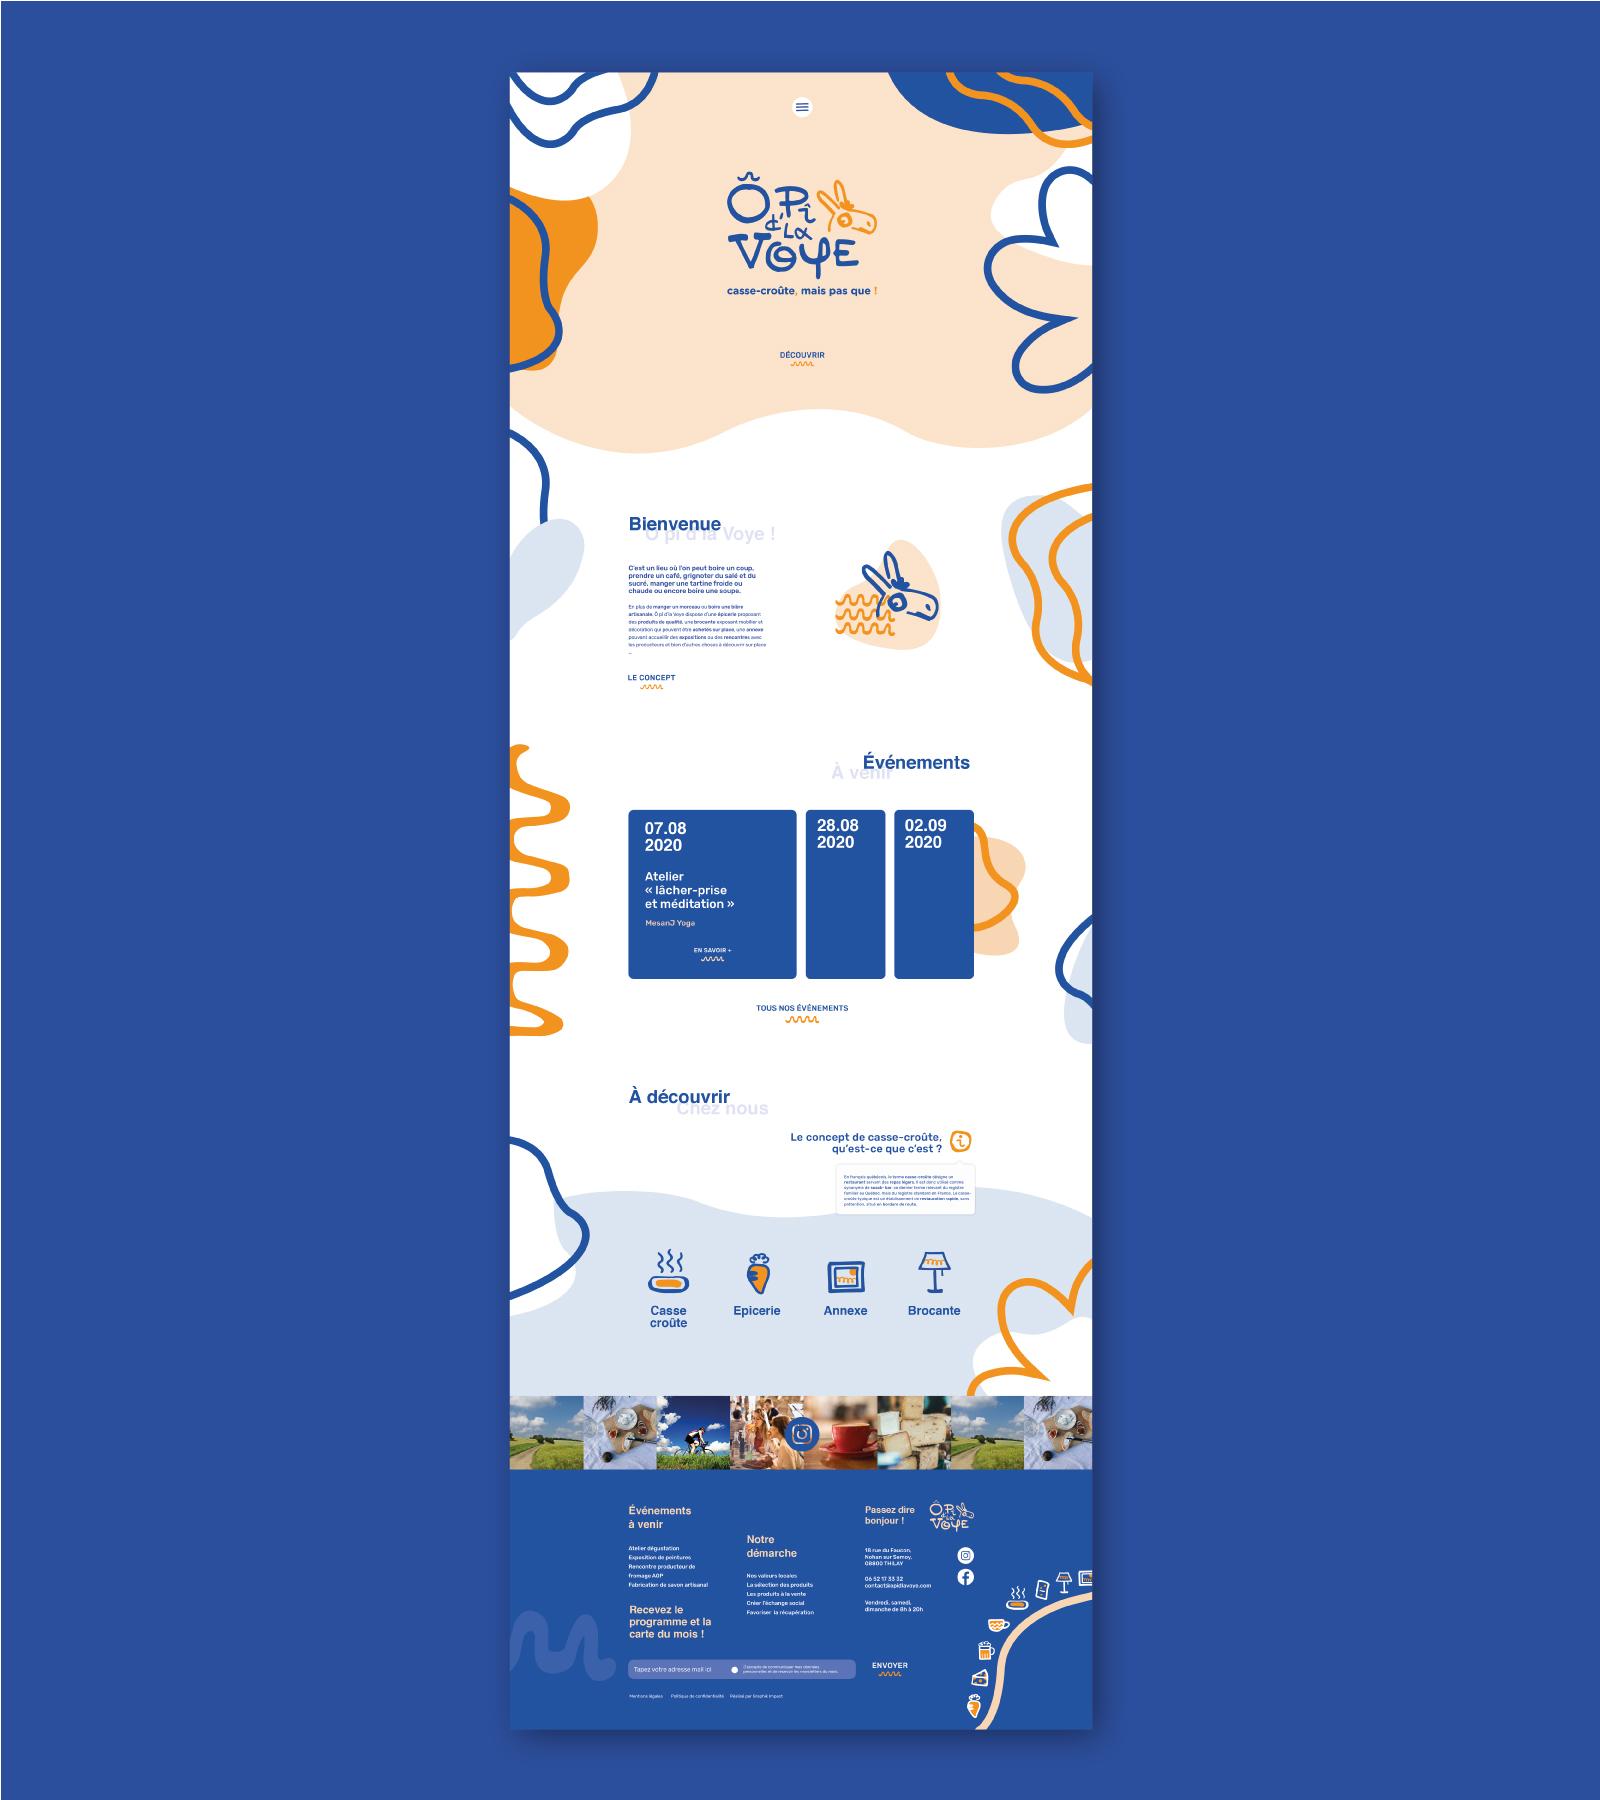 Web design de la page d'accueil du site O pî d'la Voye